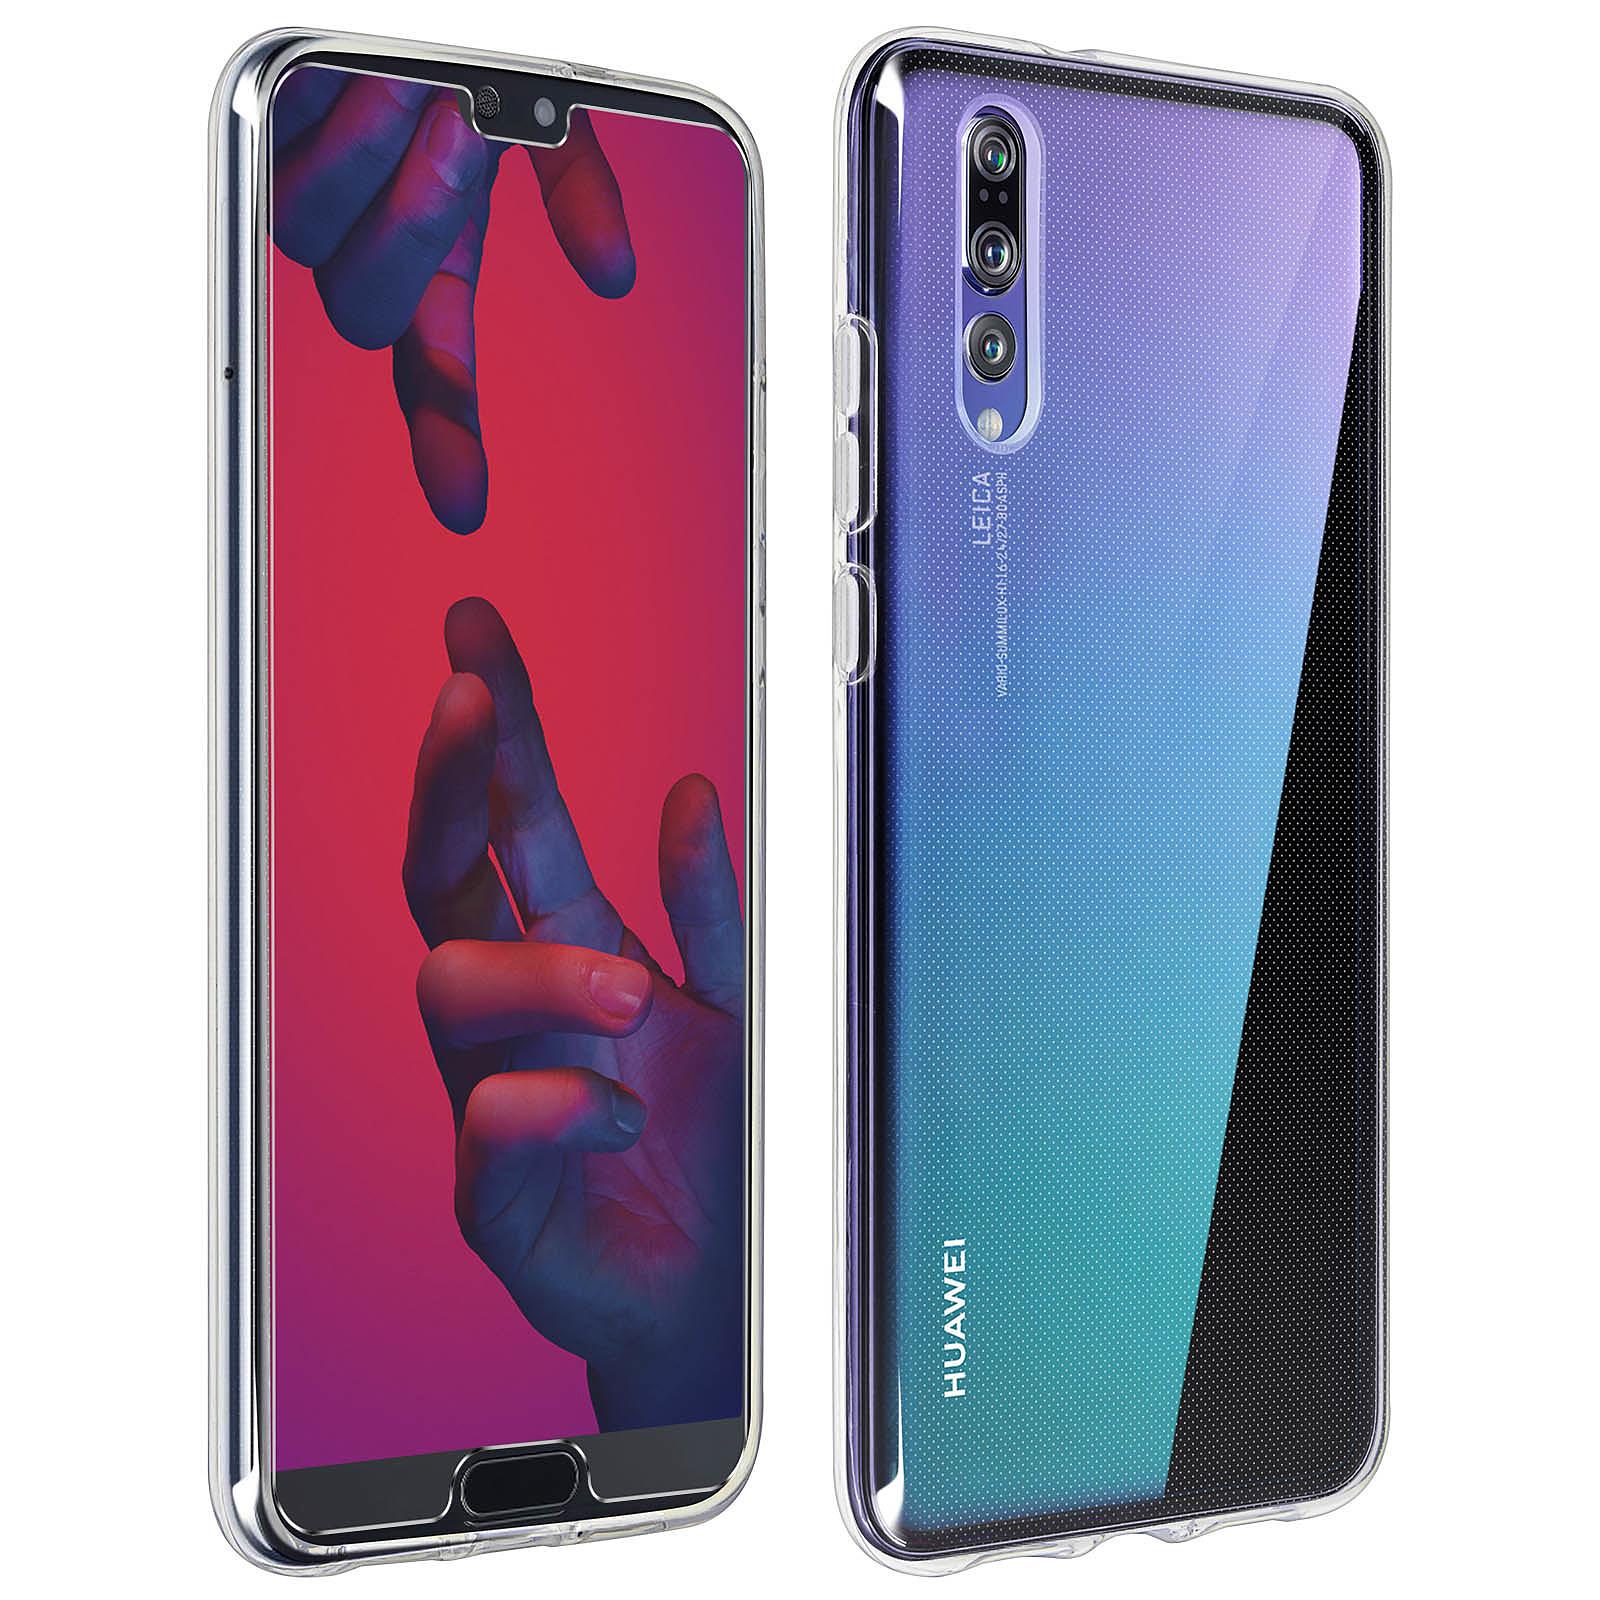 Avizar Coque Transparent pour Huawei P20 Pro - Coque téléphone Avizar sur LDLC